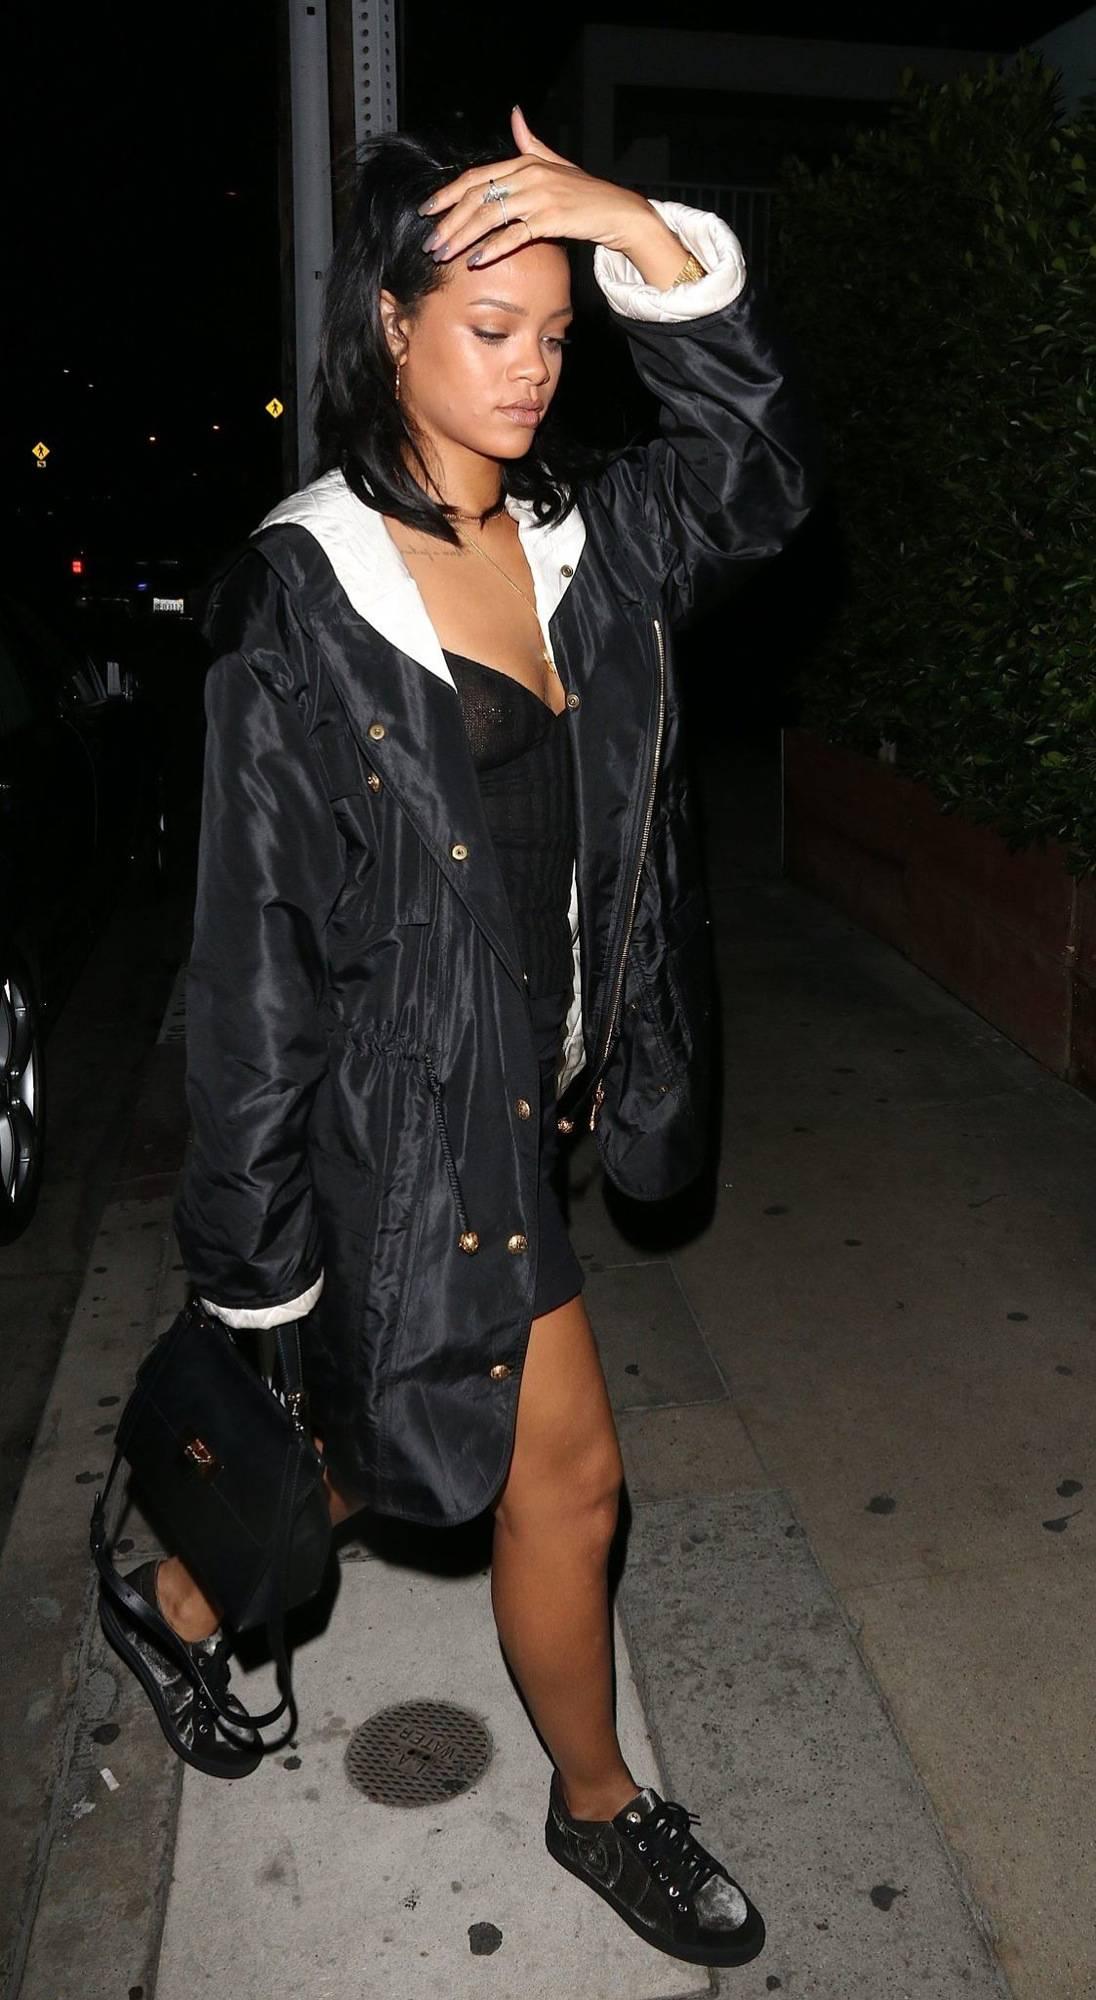 342472398_RihannaBralessLAPi6_122_555lo.jpg